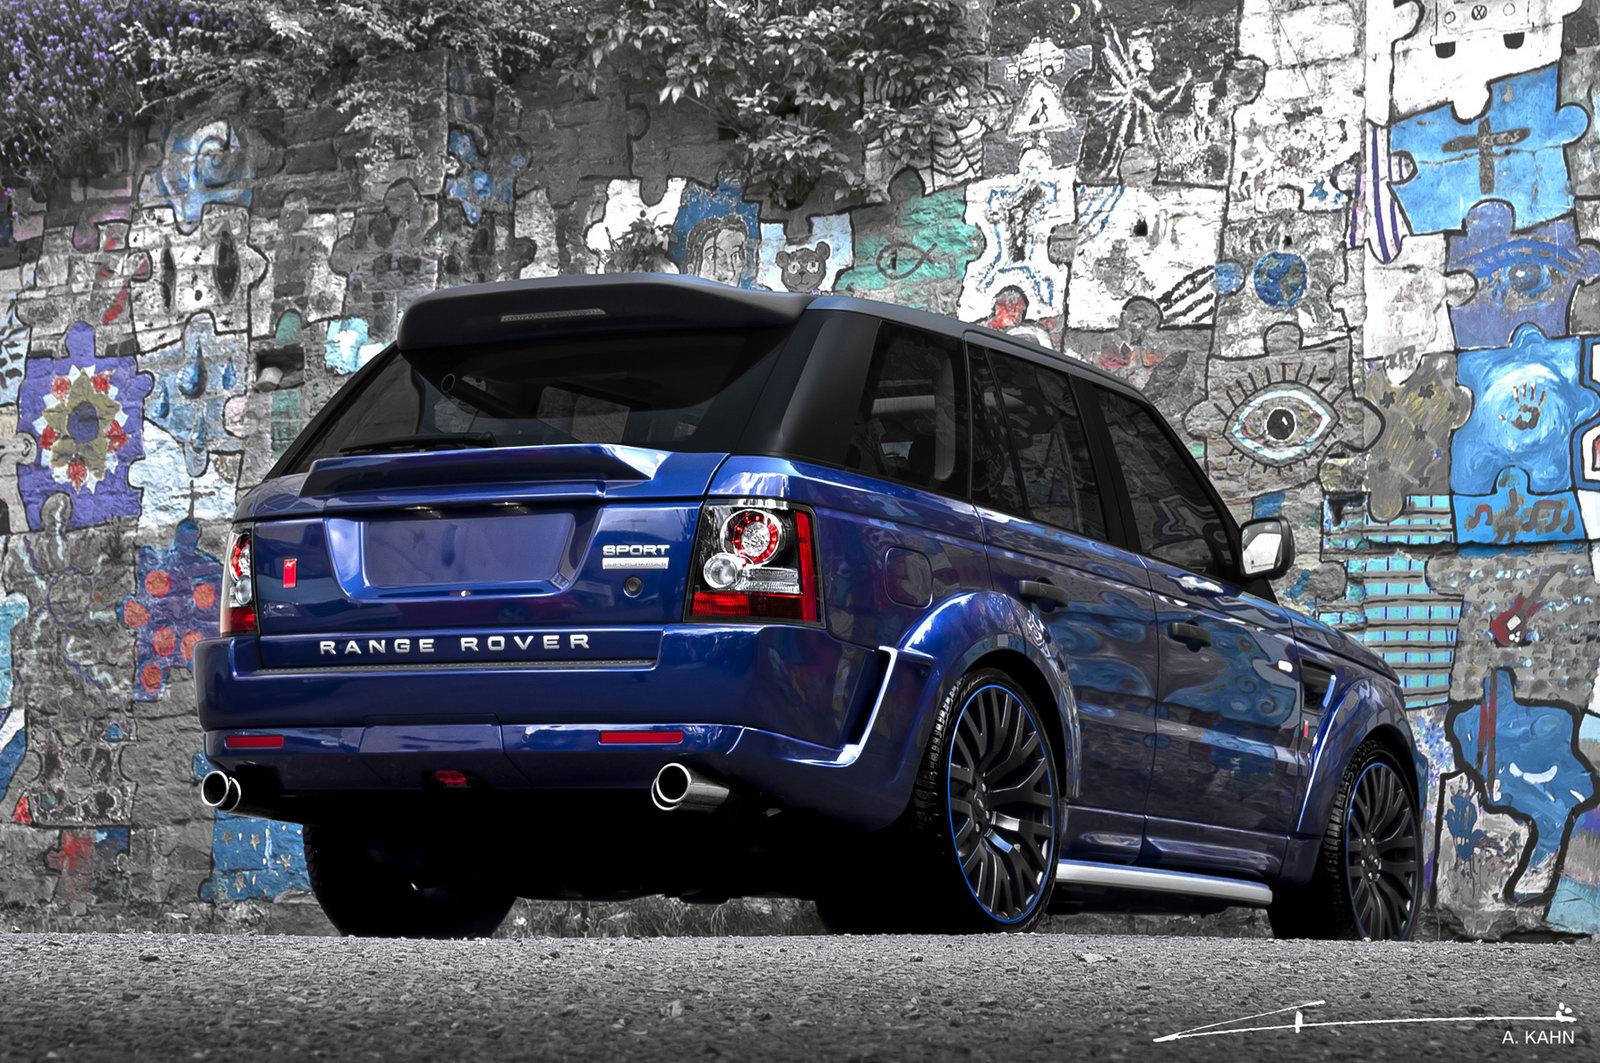 Desktop Wallpapers Hd Range Rover Wallpapers